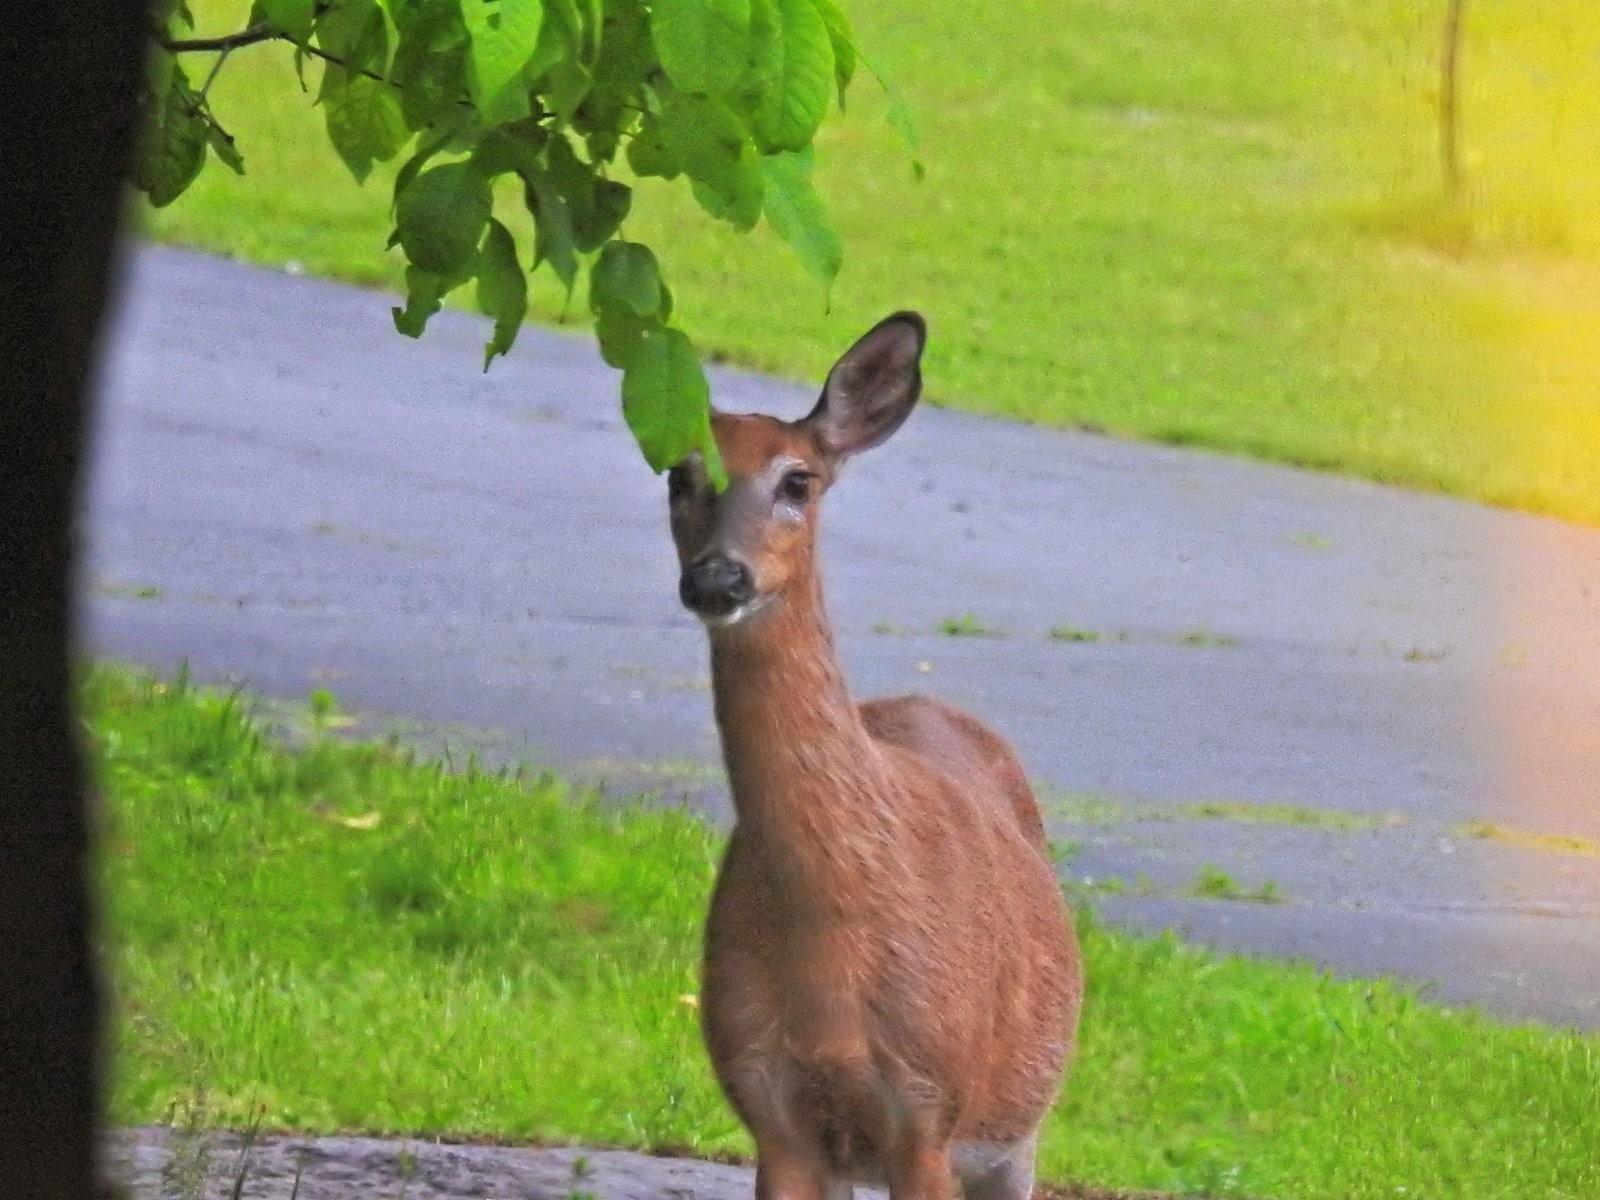 P900 deer eating breakfast (8)_DxO.jpg